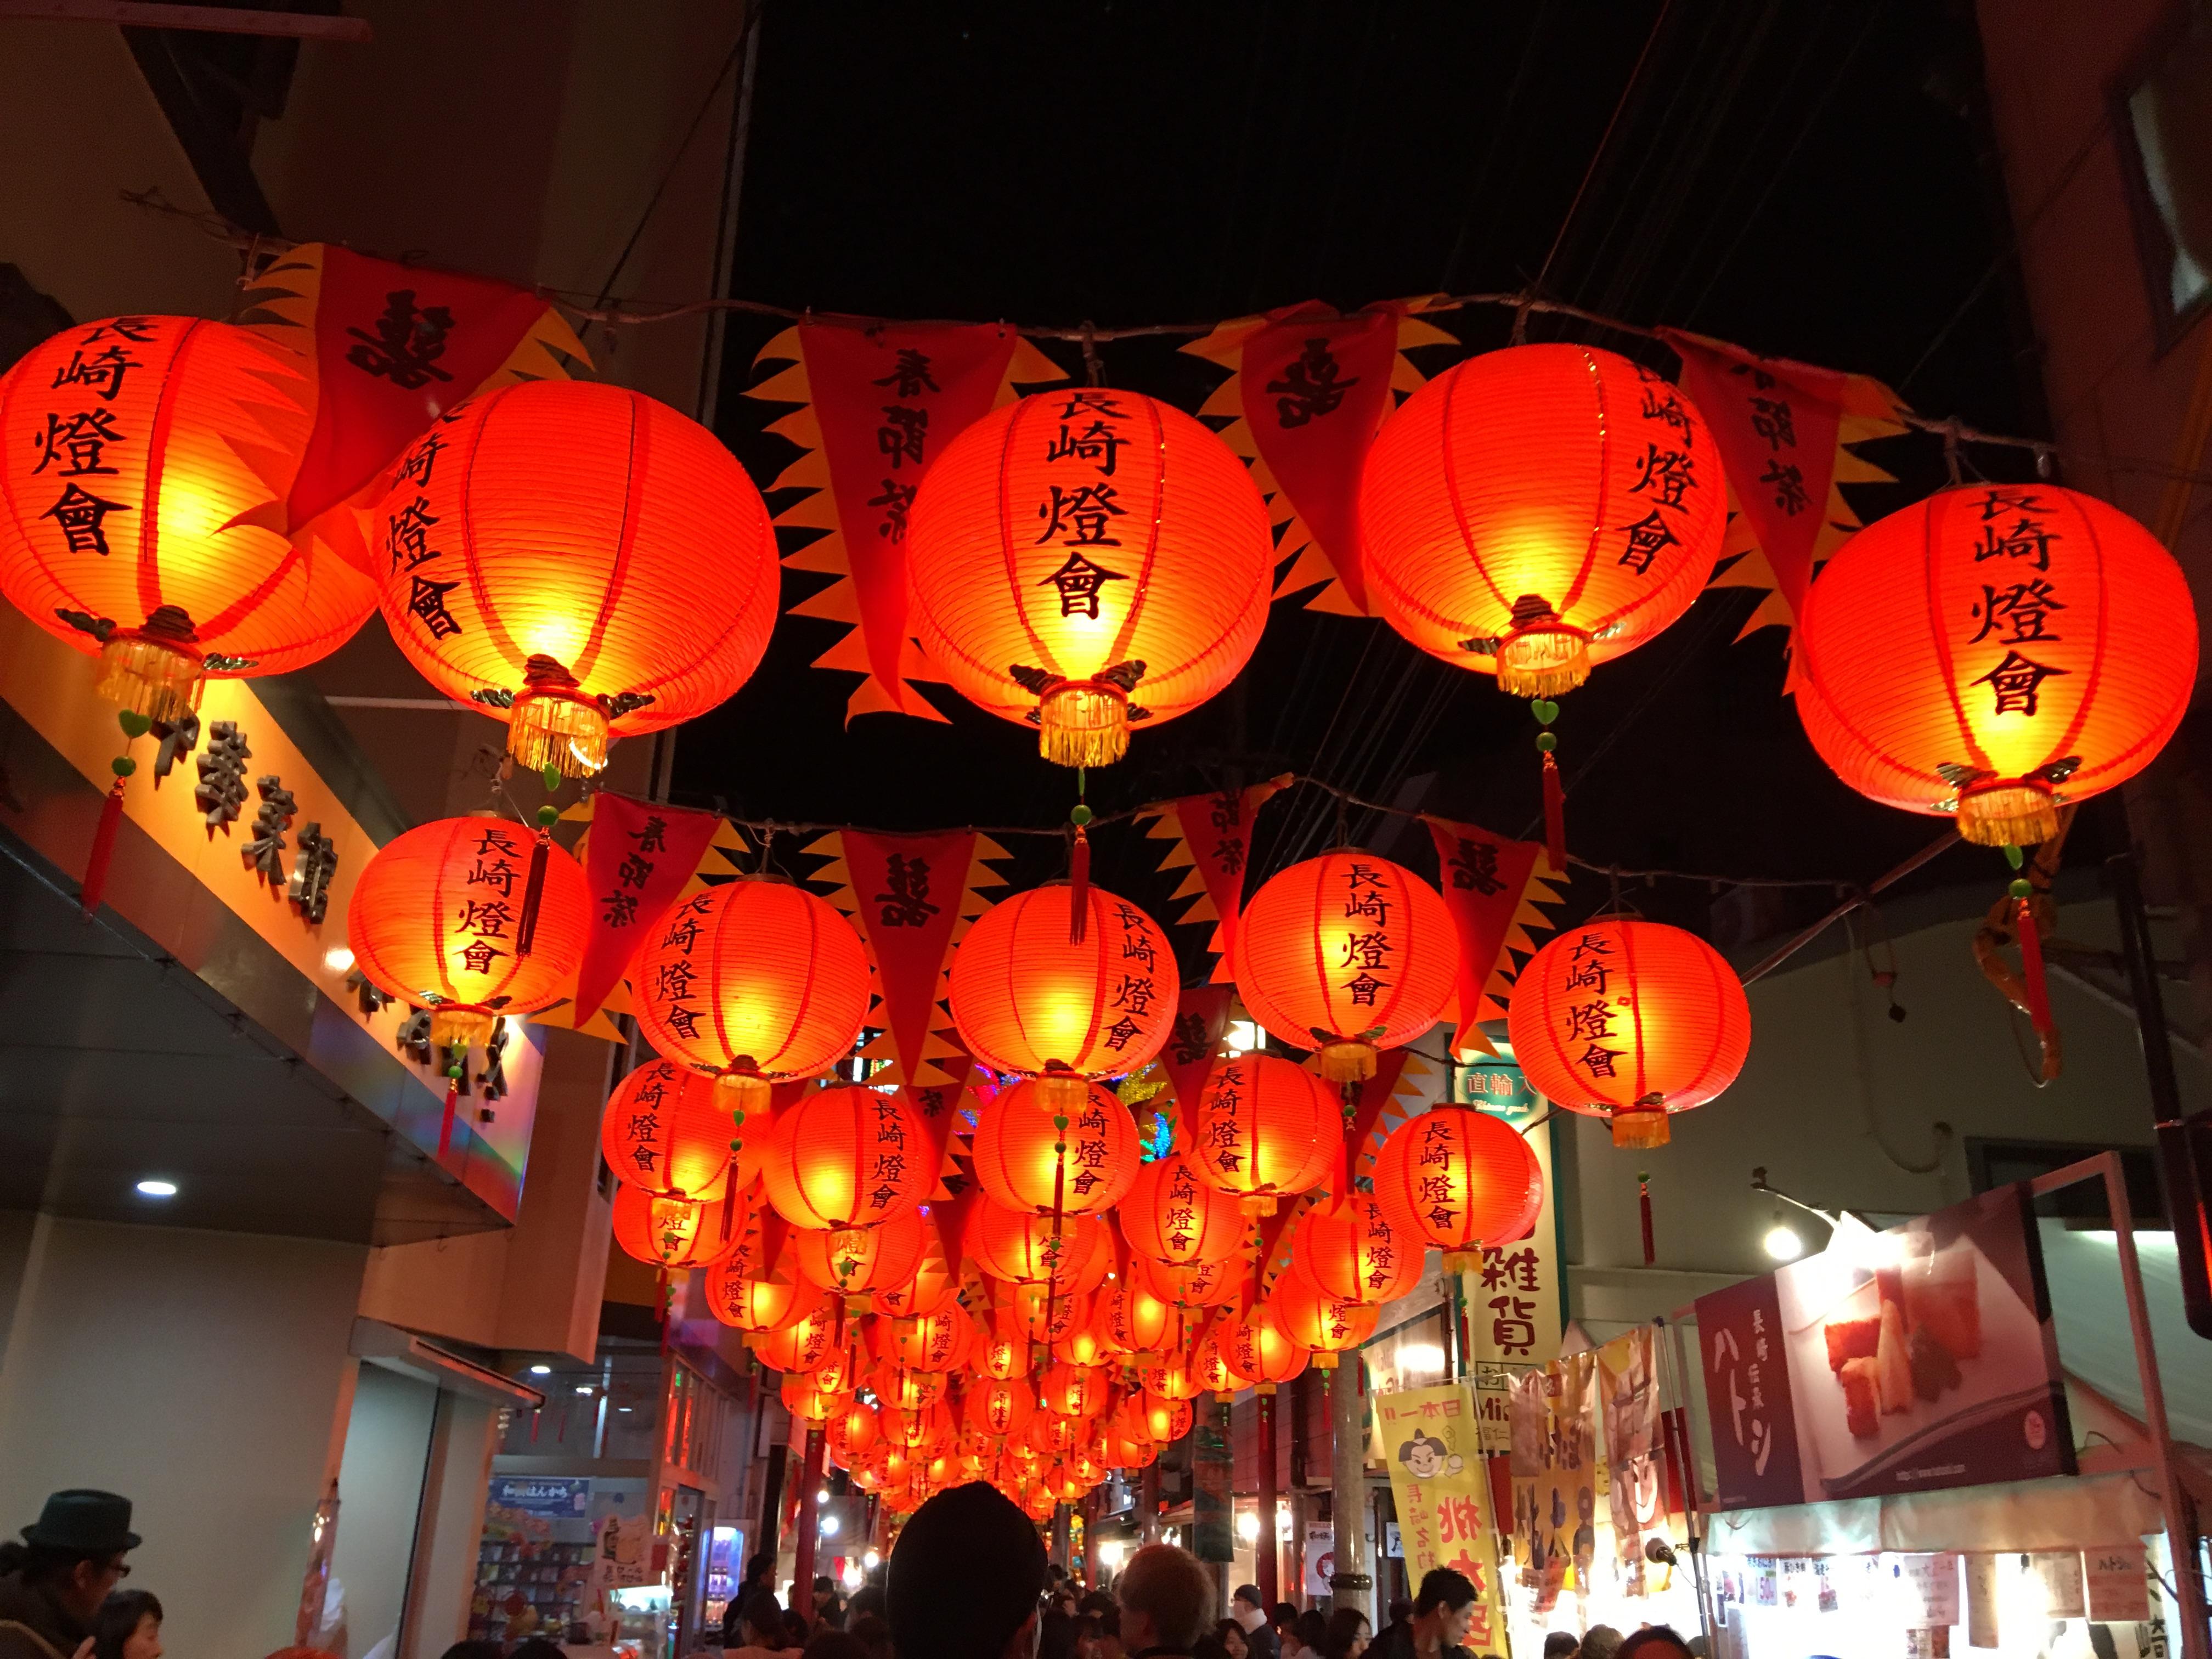 長崎旅行その2~2019長崎ランタンフェスティバルに行ってきた【中華街】